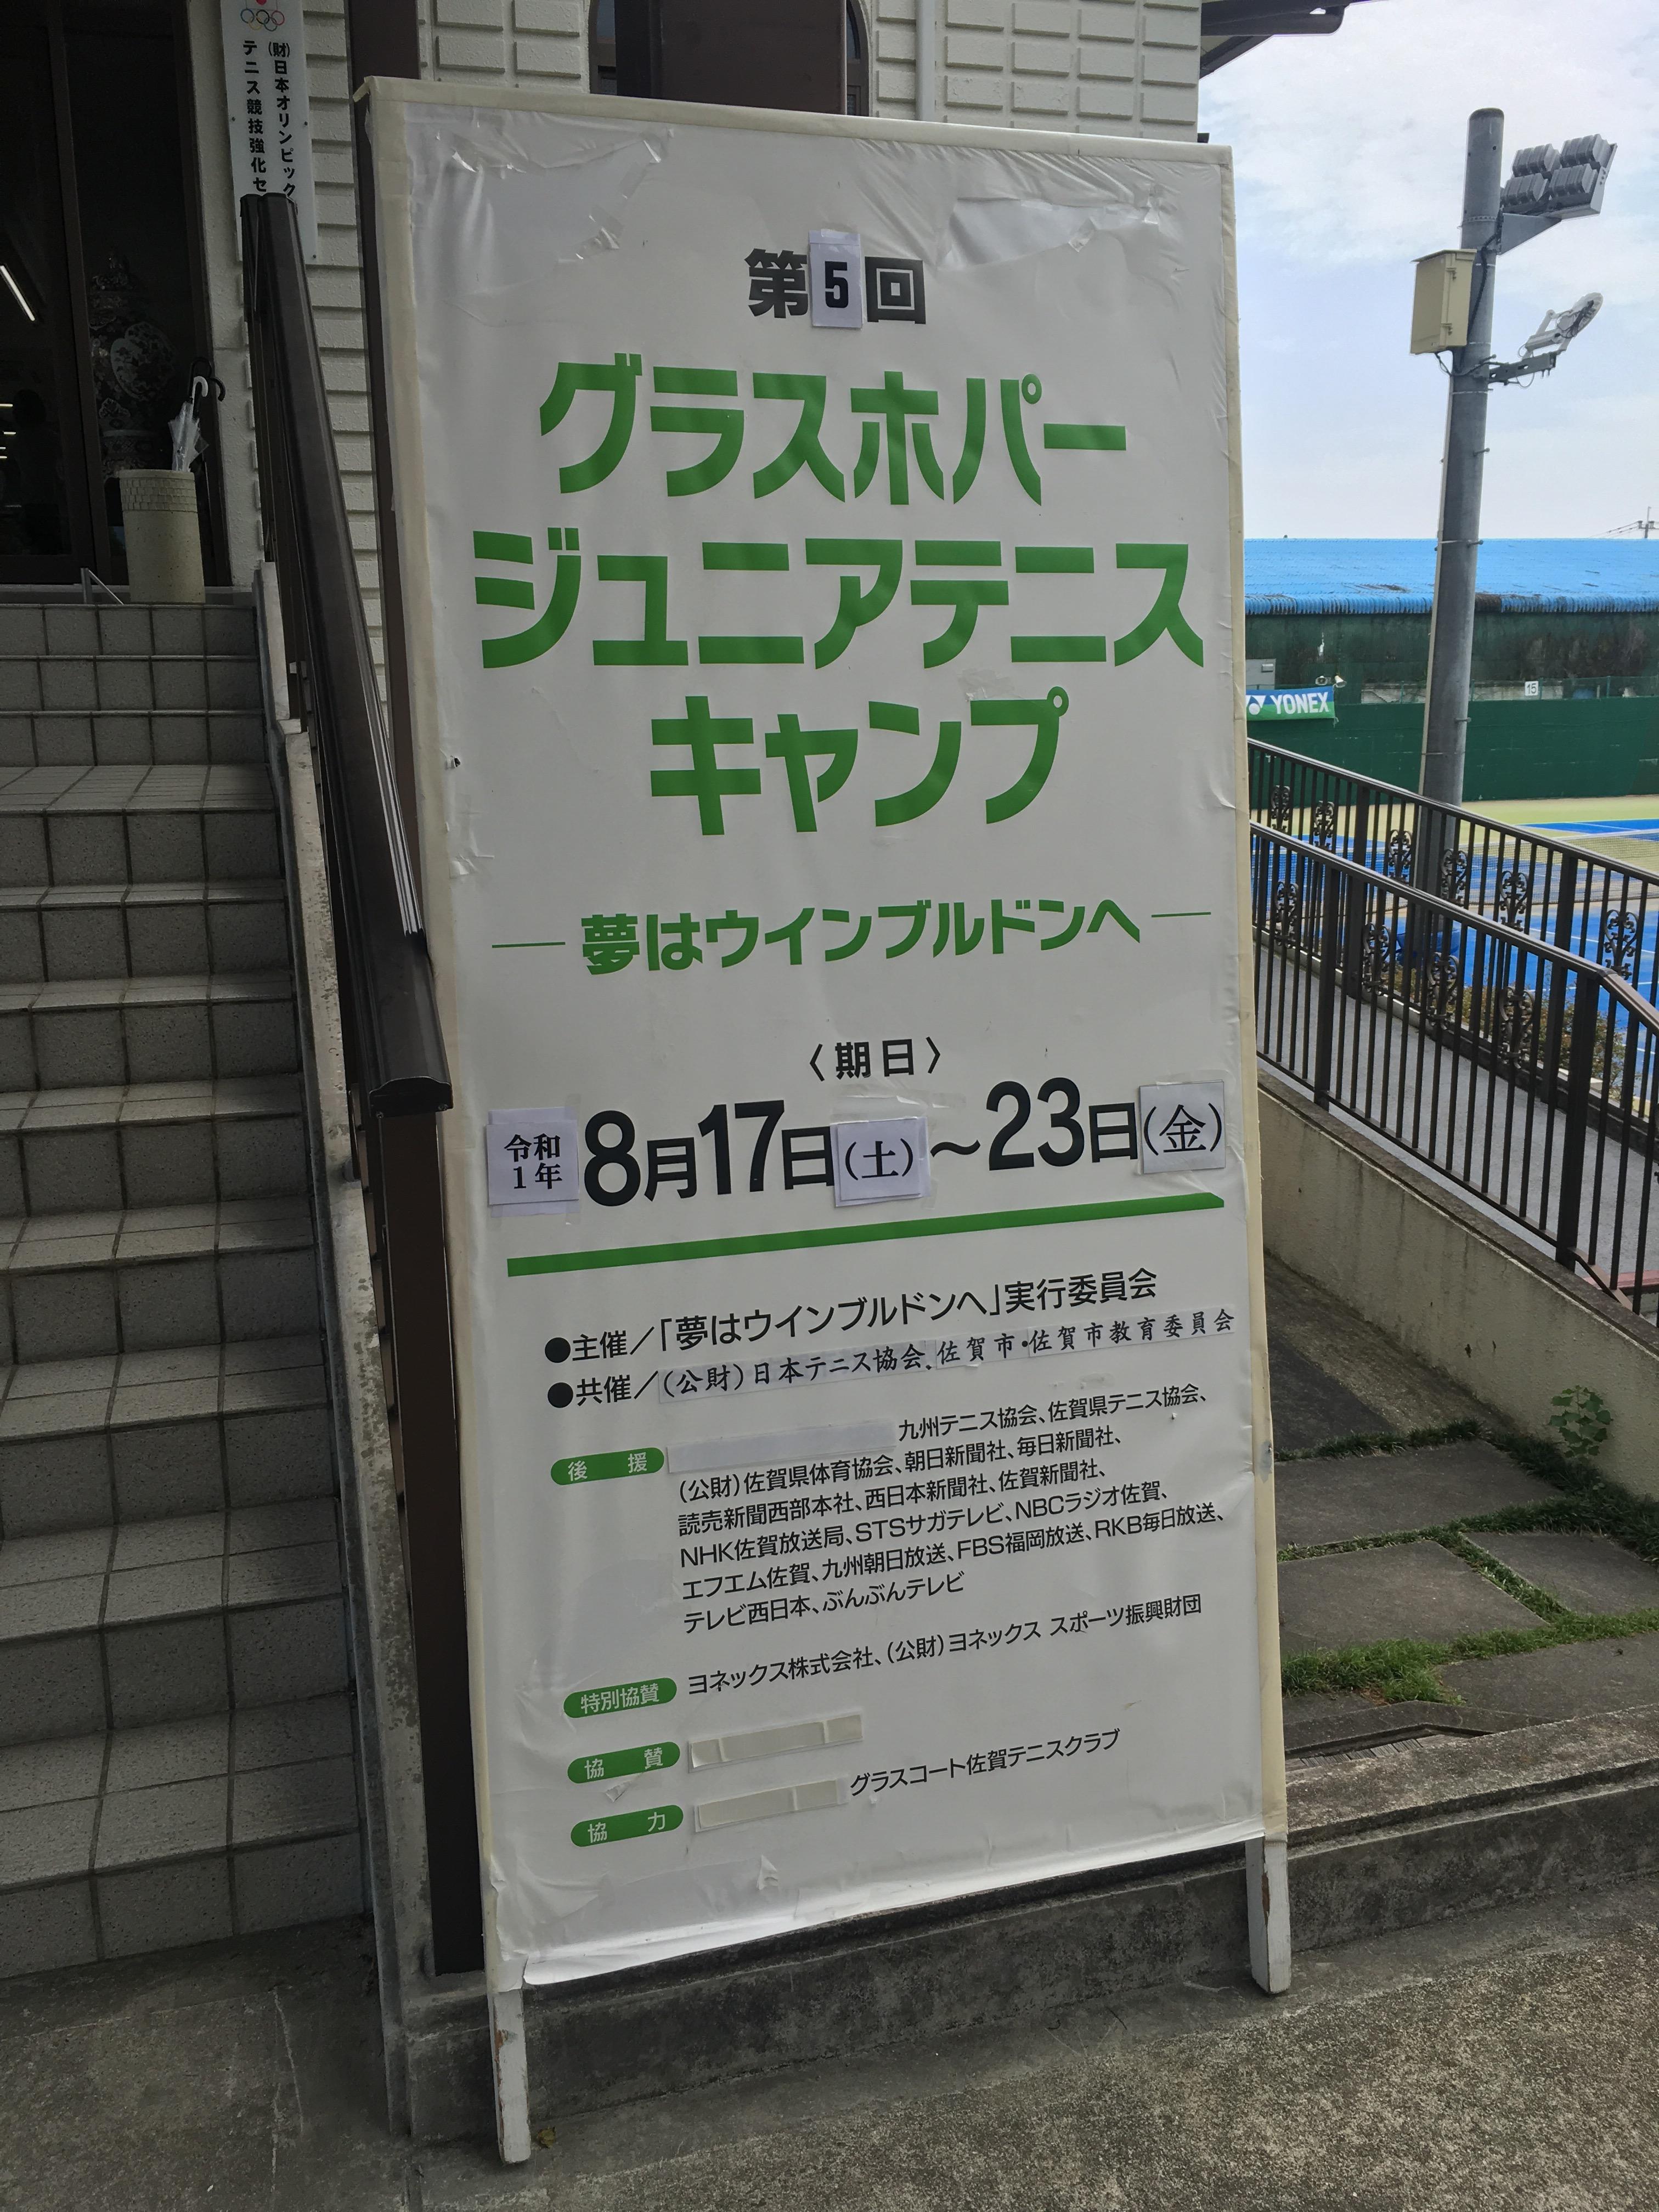 第5回 グラスホパージュニアテニスキャンプ DAY-1。【YUMI BLOG  いつも元気 ♪】